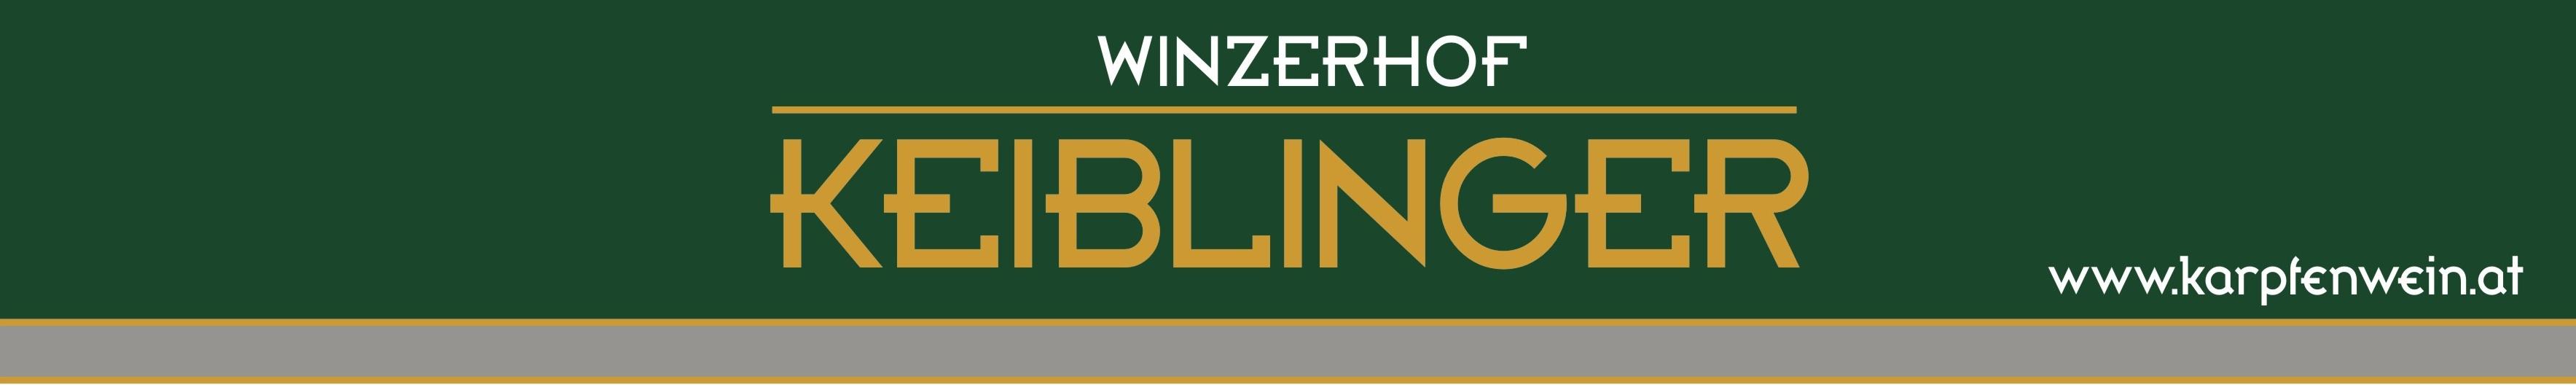 Winzerhof Keiblinger